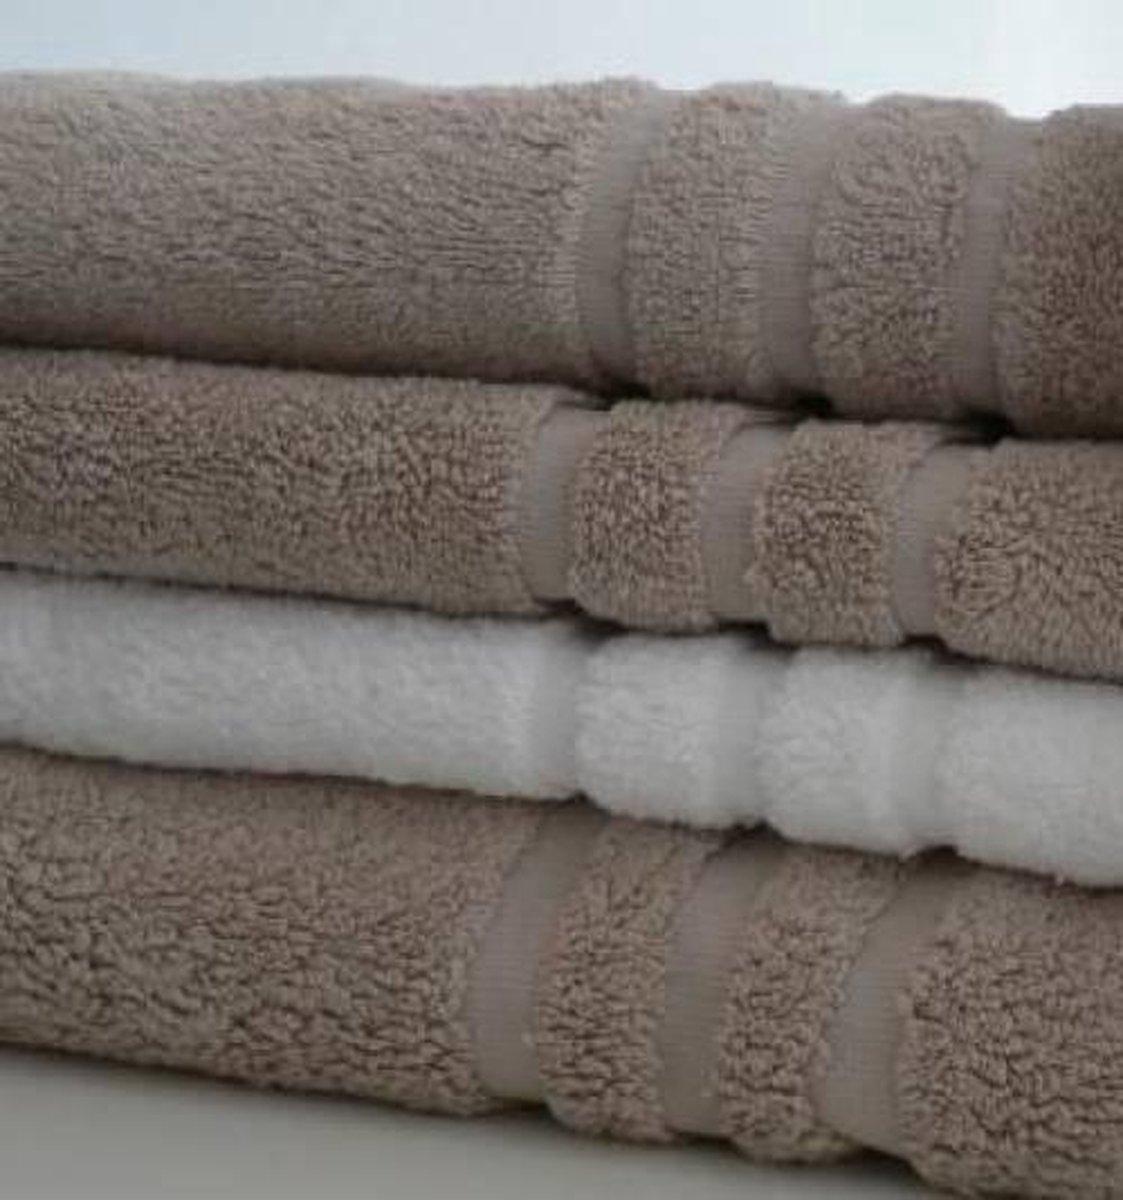 Handdoek - 100% Egyptisch katoen- Lifestyle Deluxe 600 gr/m2 - 50x100 cm - Caramel - Set van 6 - Cotton Factory